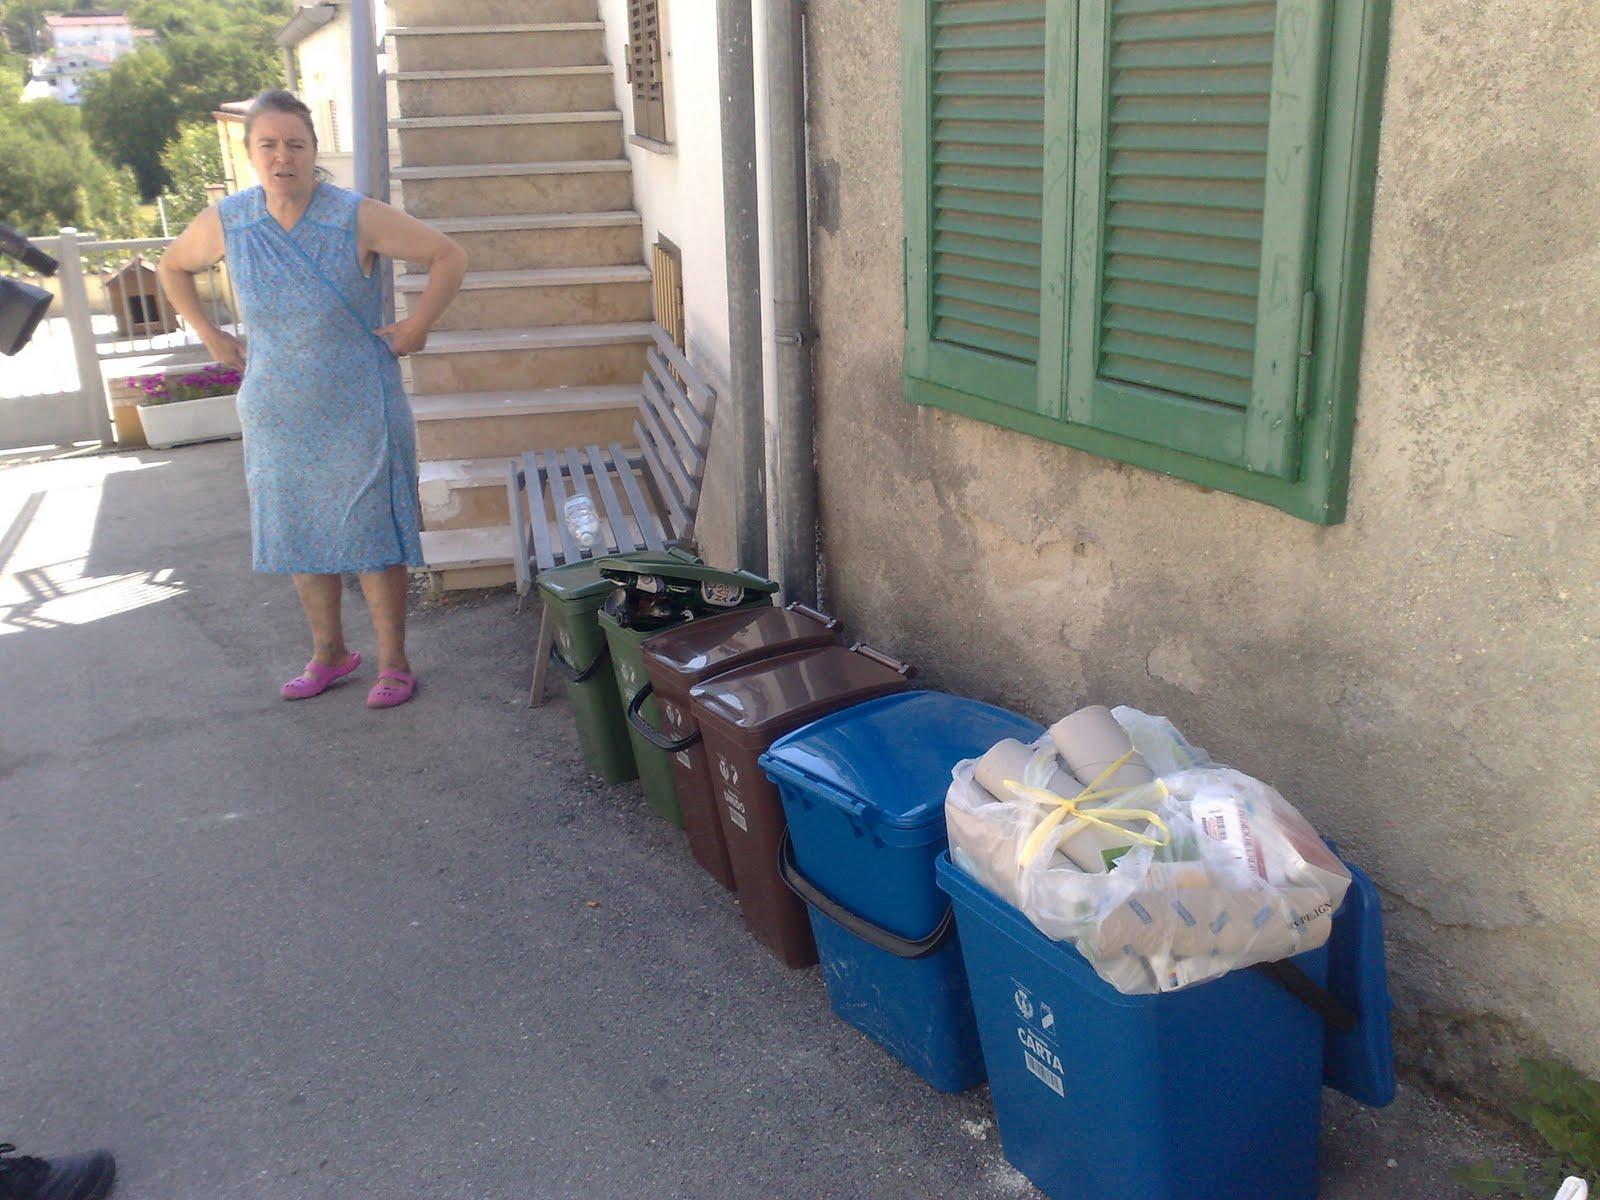 Centroabruzzonews bagnaturo vicini di casa divisi dalla raccolta differenziata - Vicini di casa rumorosi ...